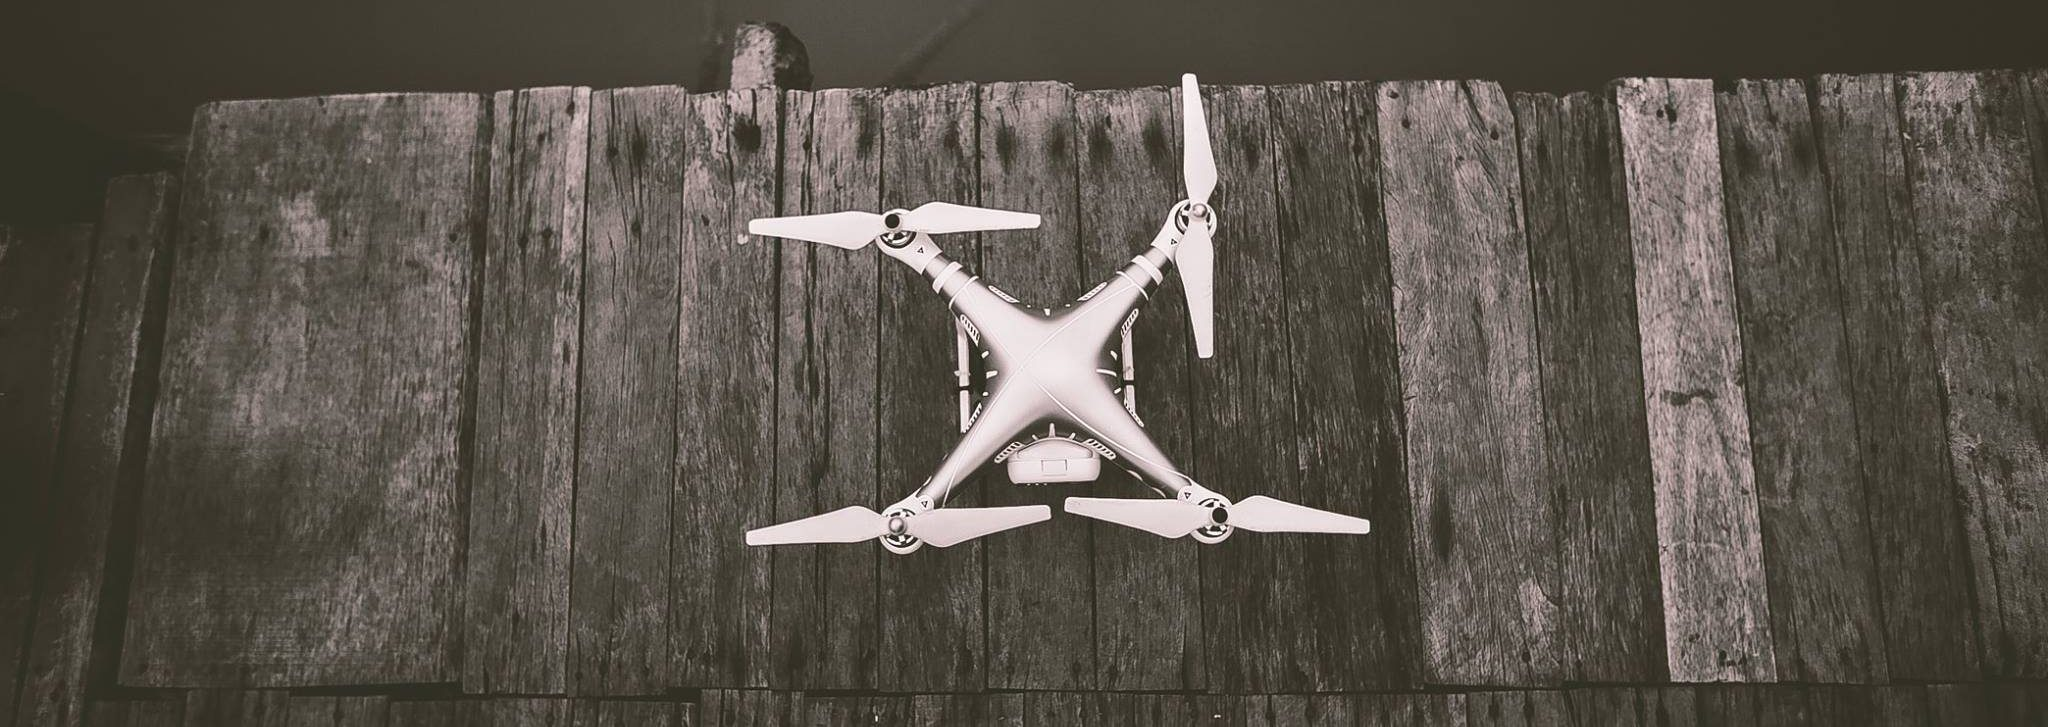 vancouver_video_production_Pixel_Motion_Films_drone_2